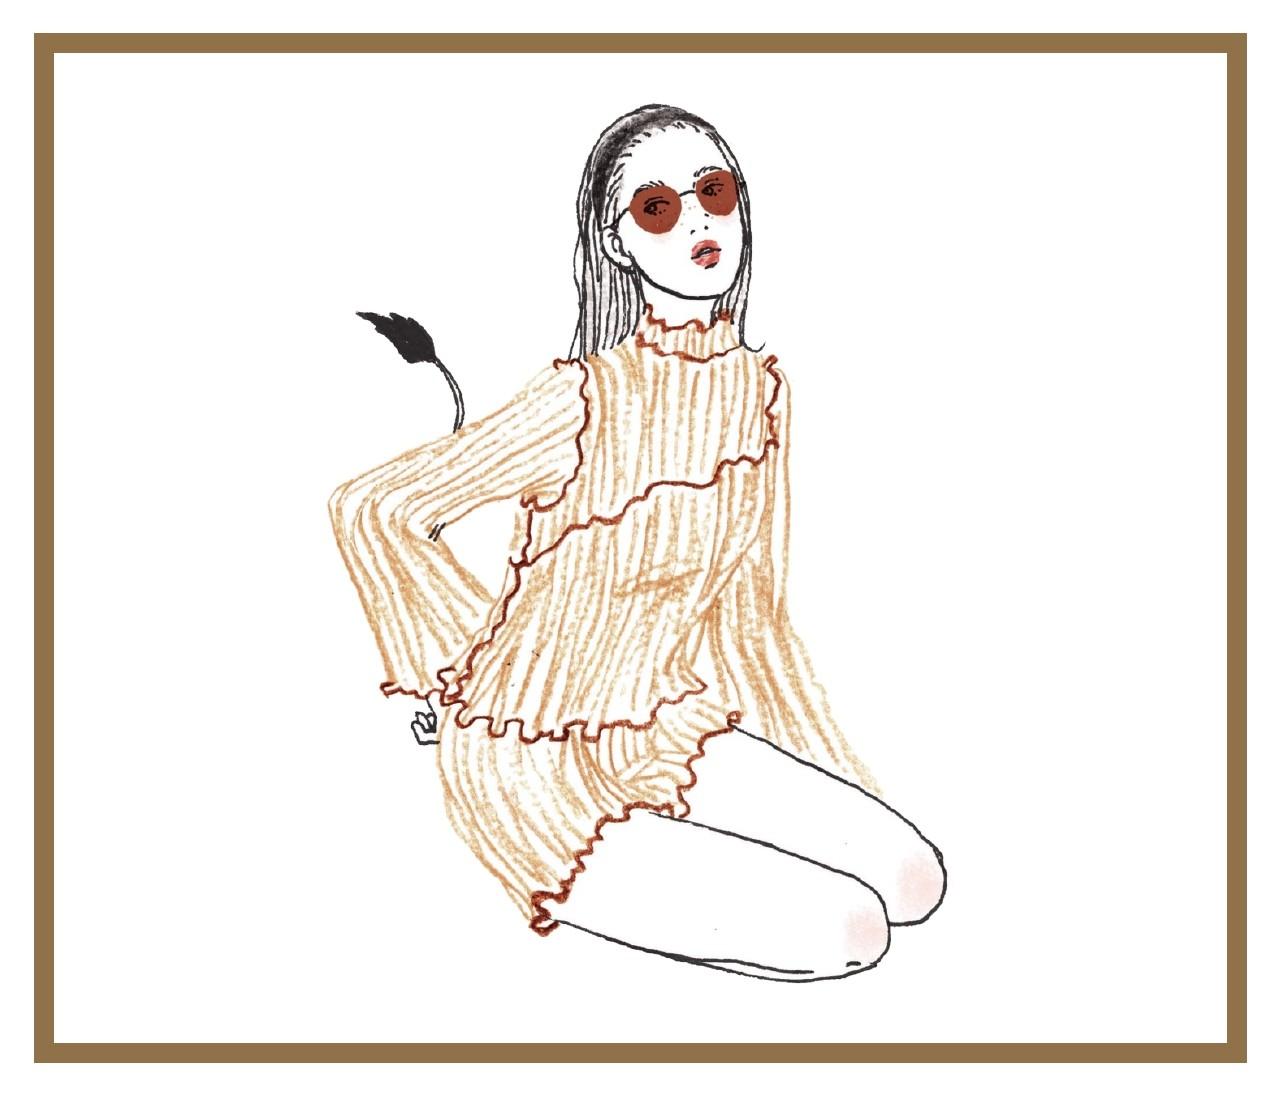 【獅子座】鏡リュウジの星座占い(2020年下半期)